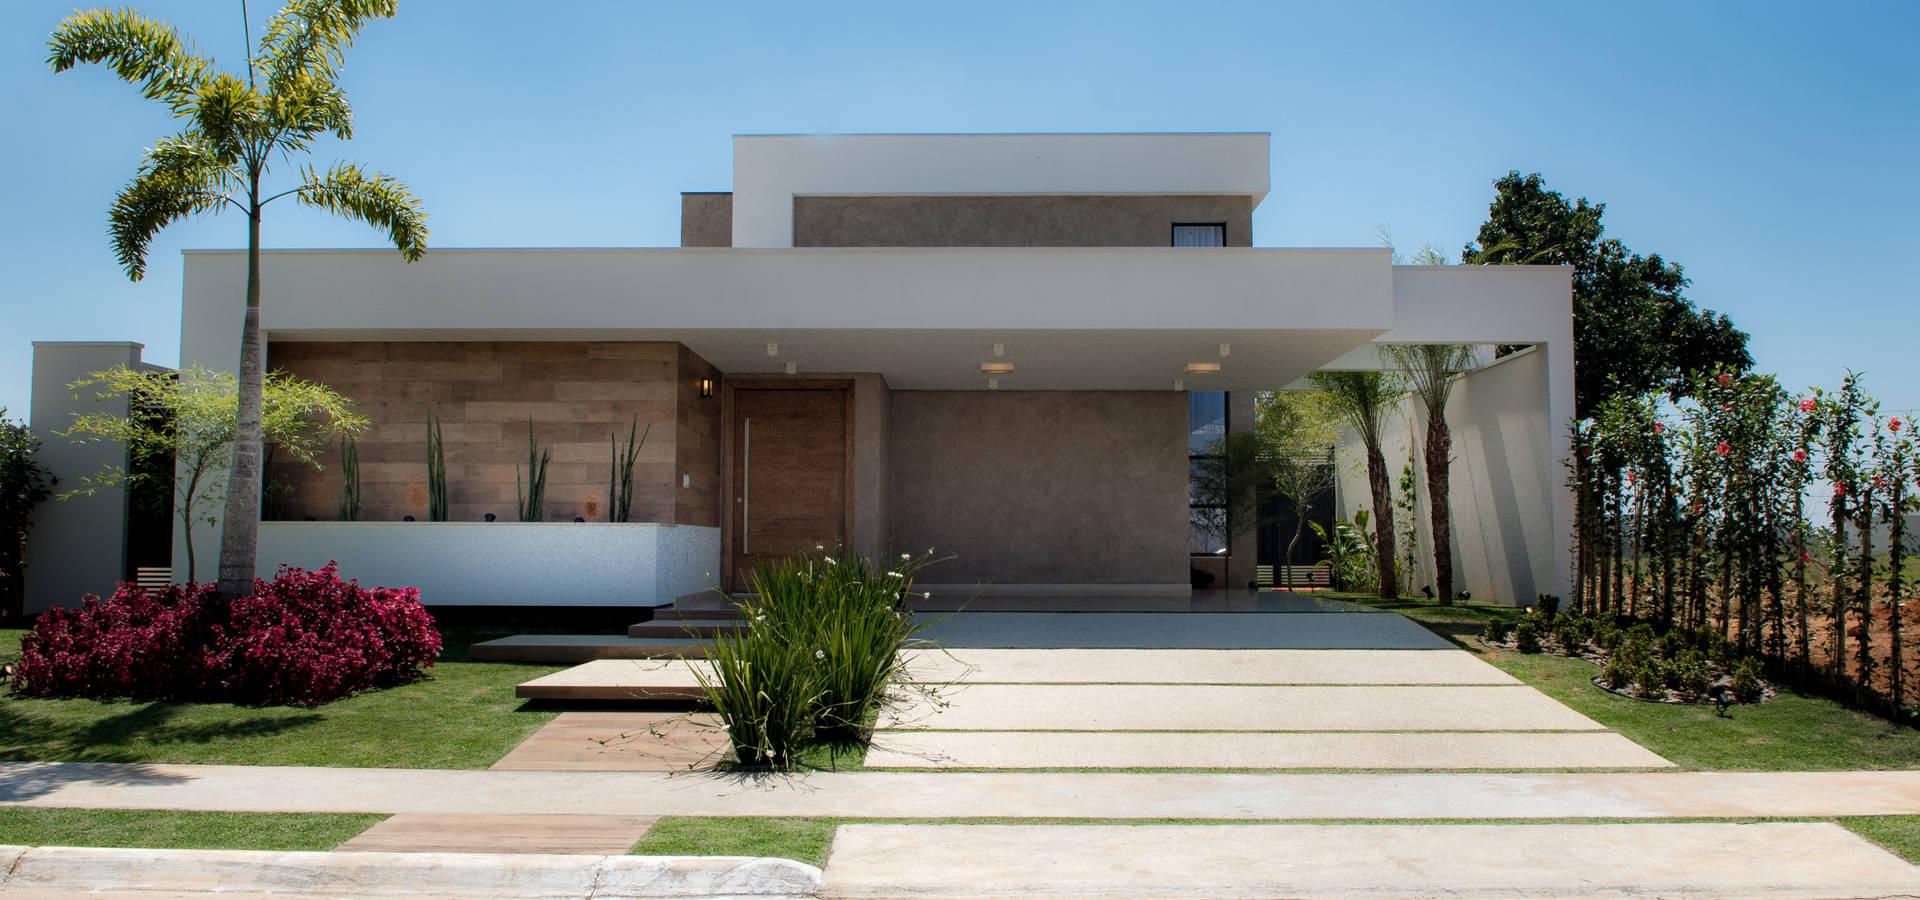 Casa t rrea contempor nea por camila castilho for Lavaderos modernos para casas